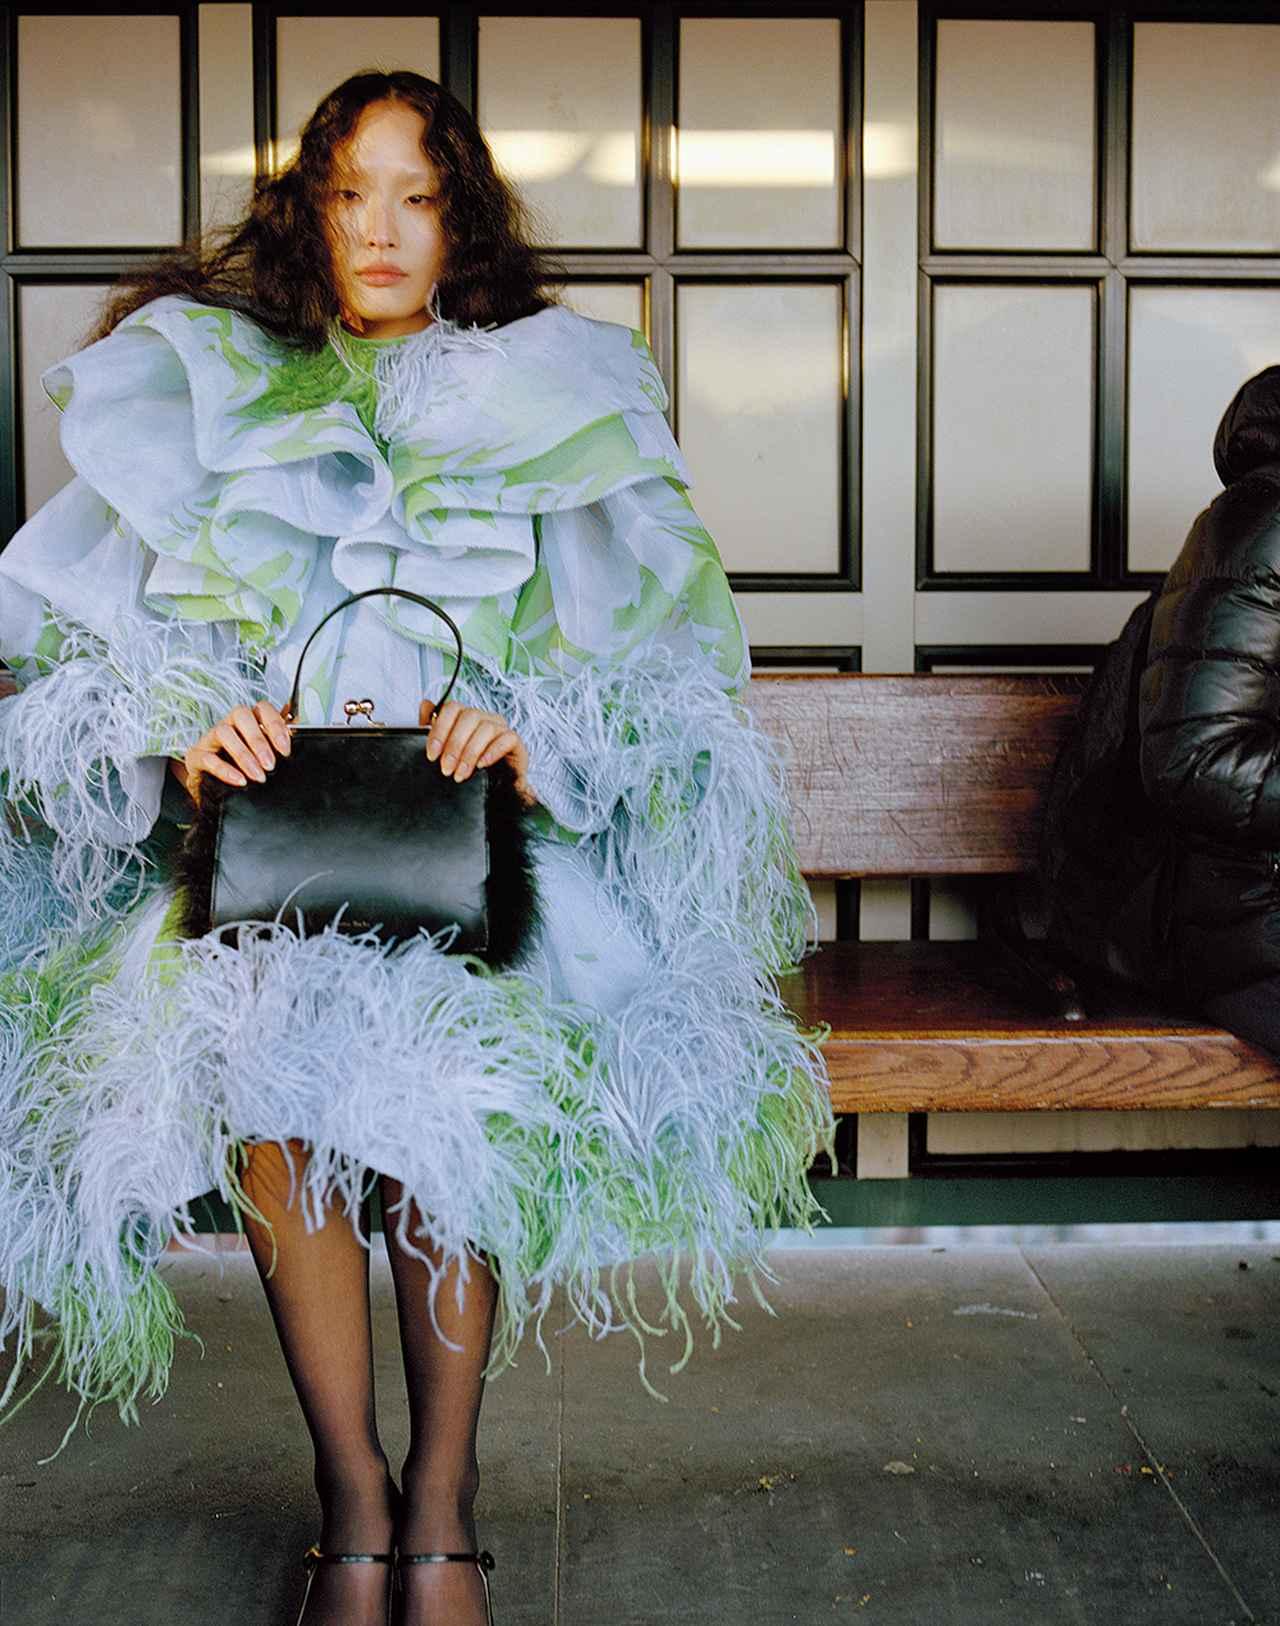 Images : 1番目の画像 - 「日常に華麗なるカオスを。 パワフルに着こなす 「レディ・ライク」」のアルバム - T JAPAN:The New York Times Style Magazine 公式サイト